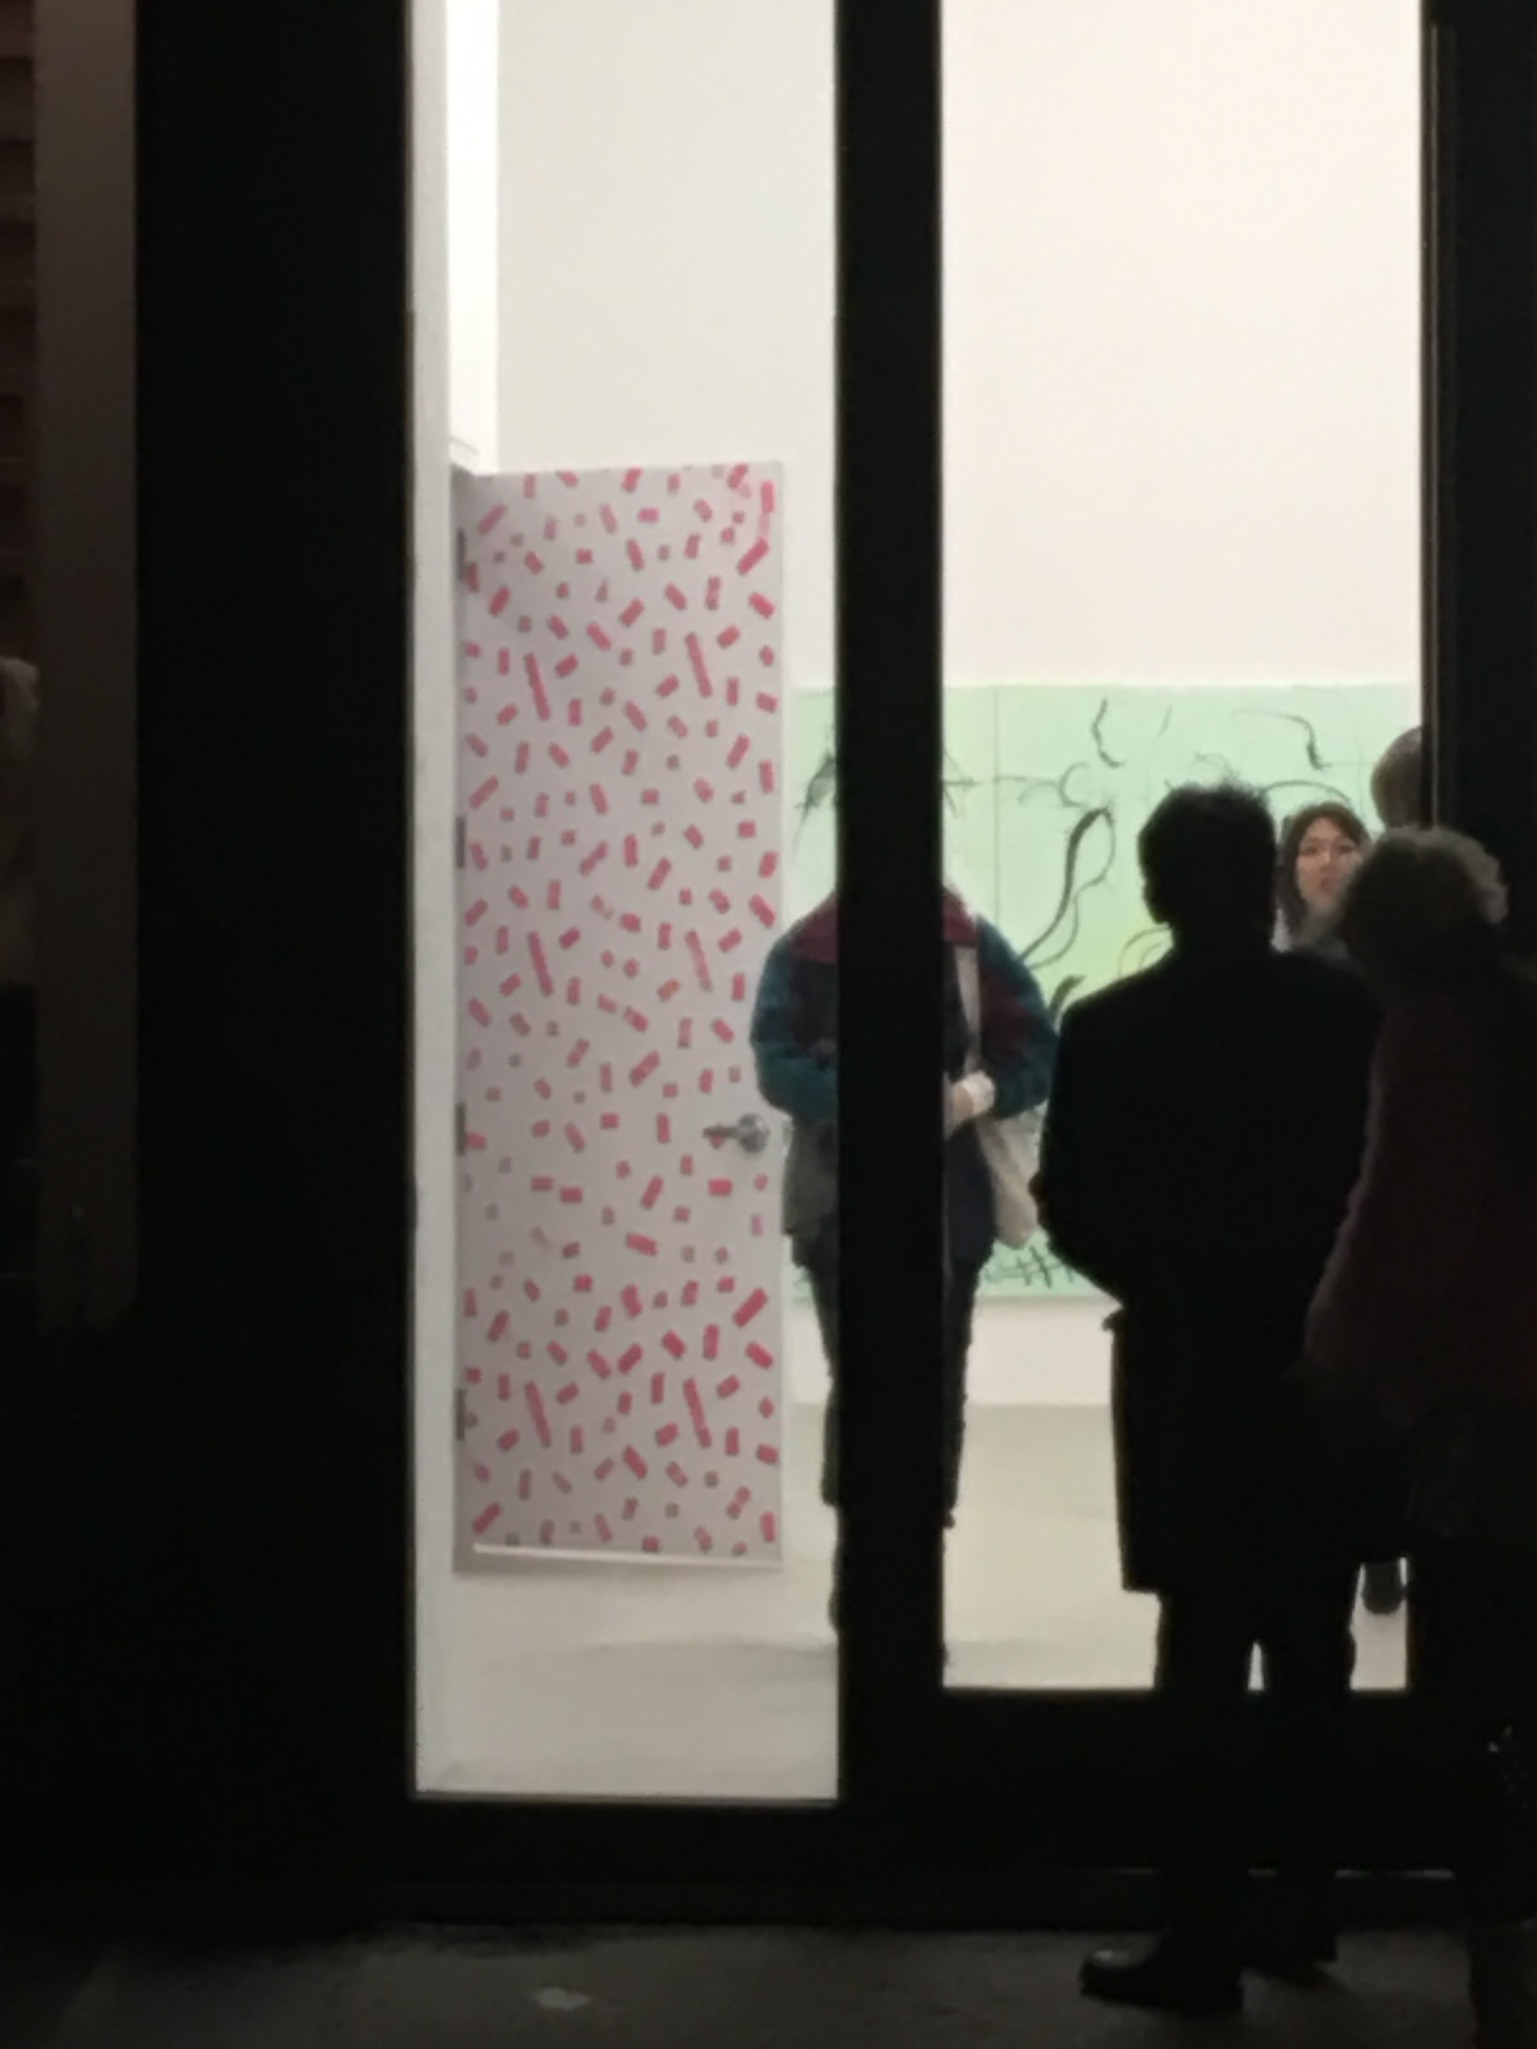 gallery-orchard-street-lower-east-side.JPG